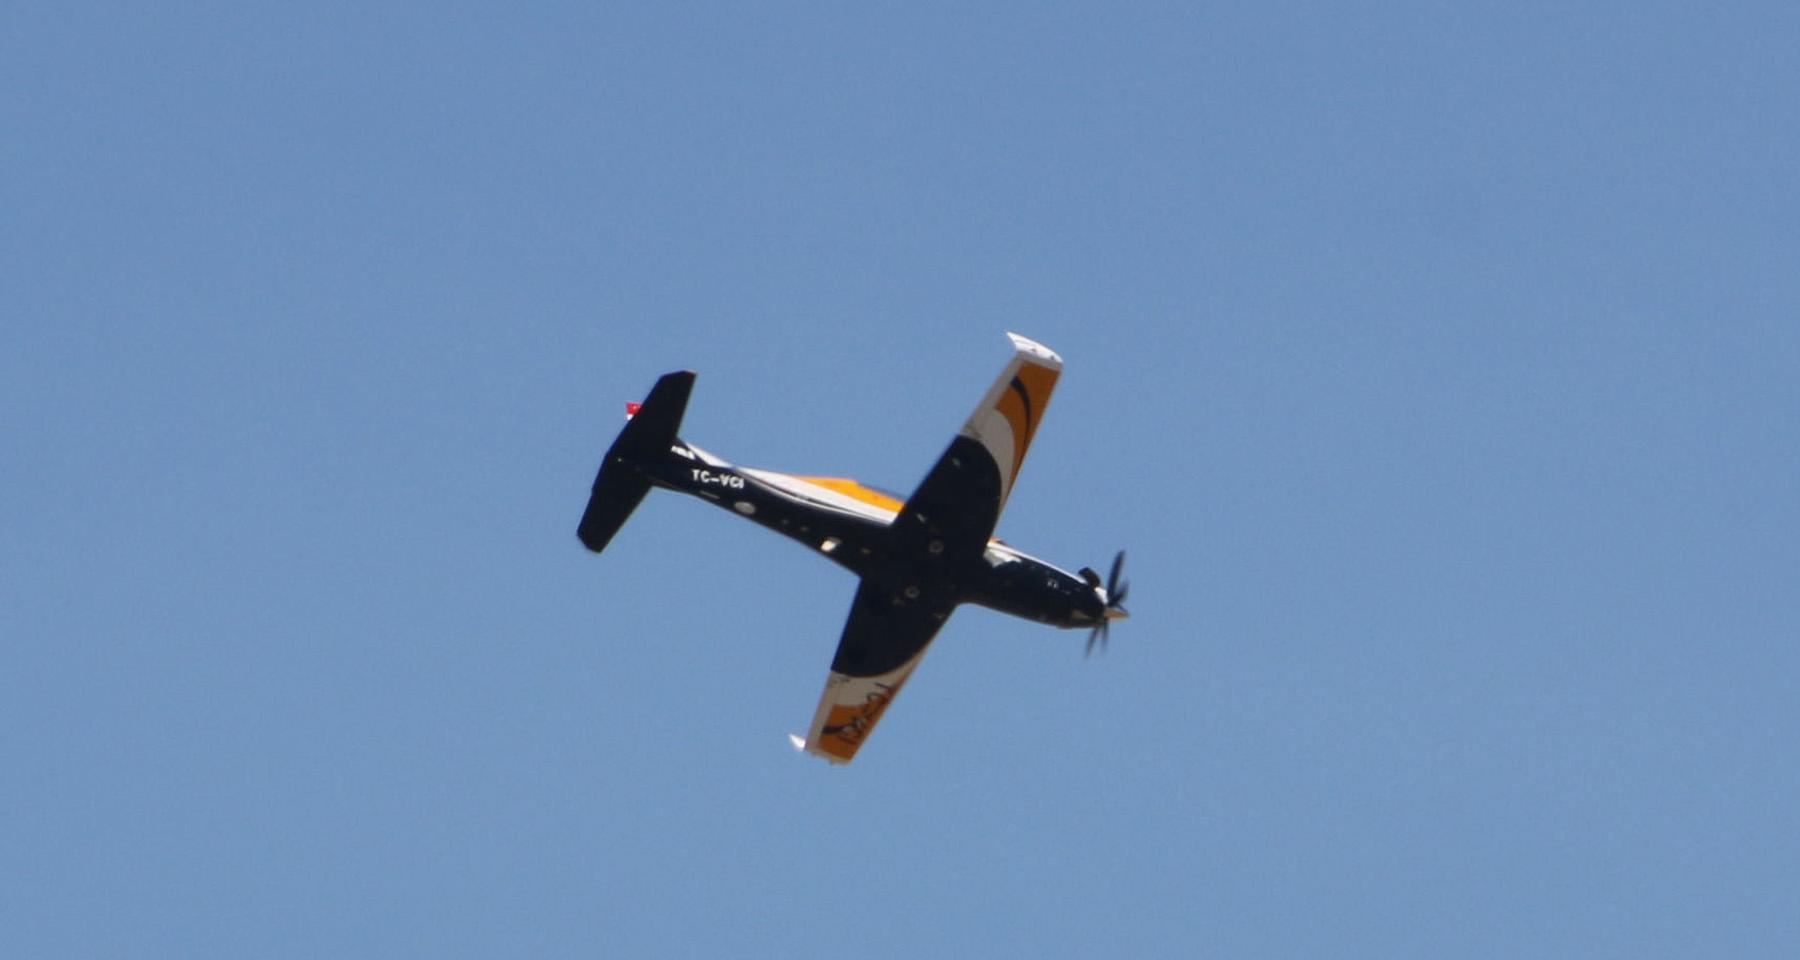 طائرة هوركوش التدريبية التركية تُجري أول عرضٍ لها في باريس 2_399